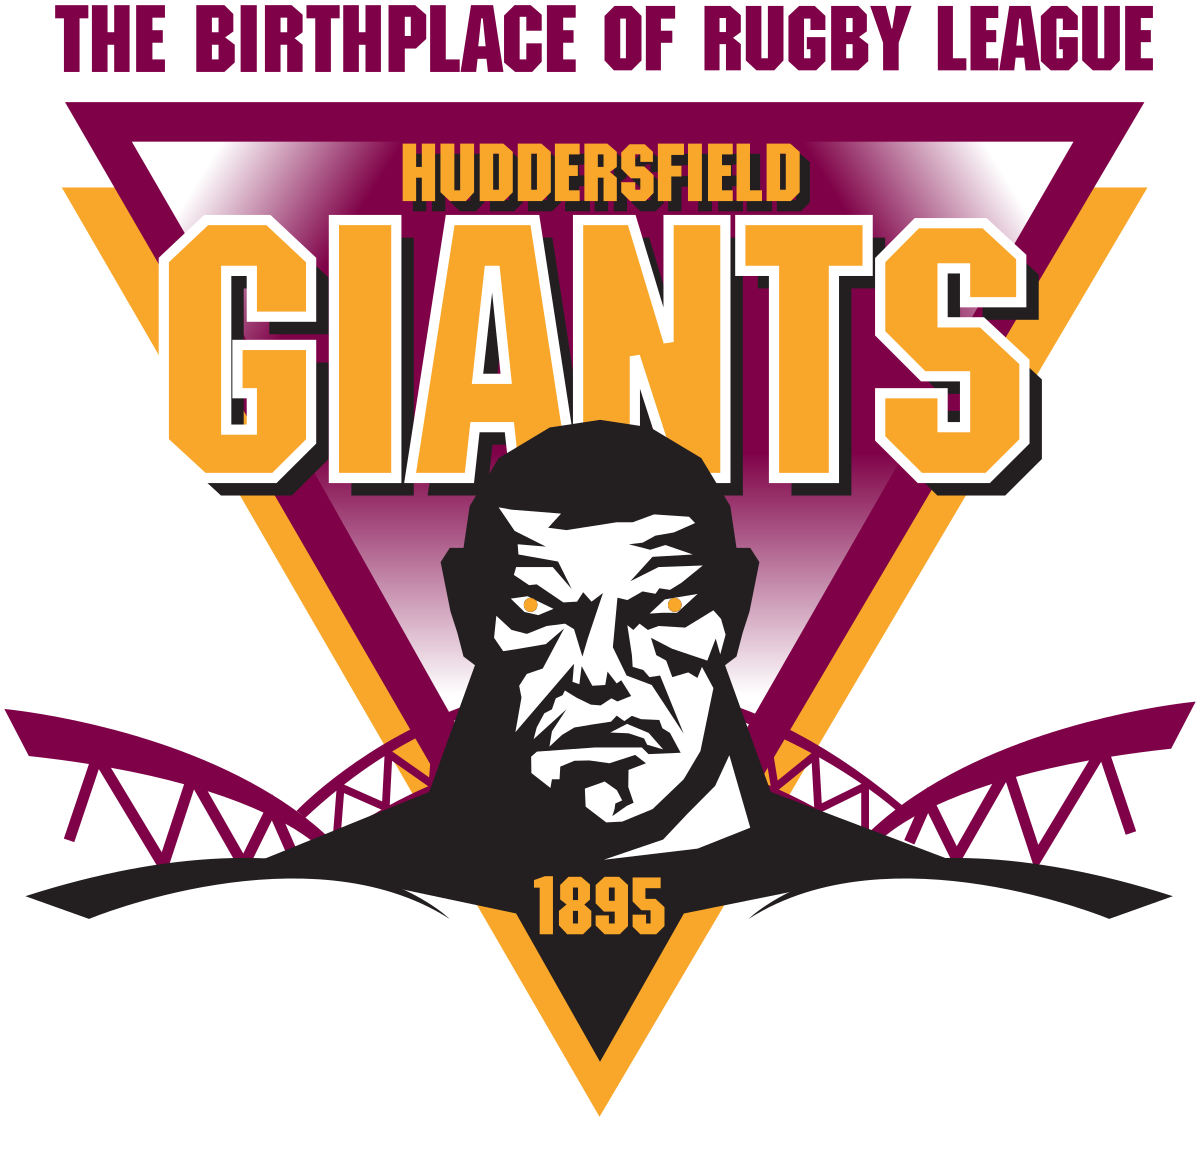 Huddersfield_Giants_logo